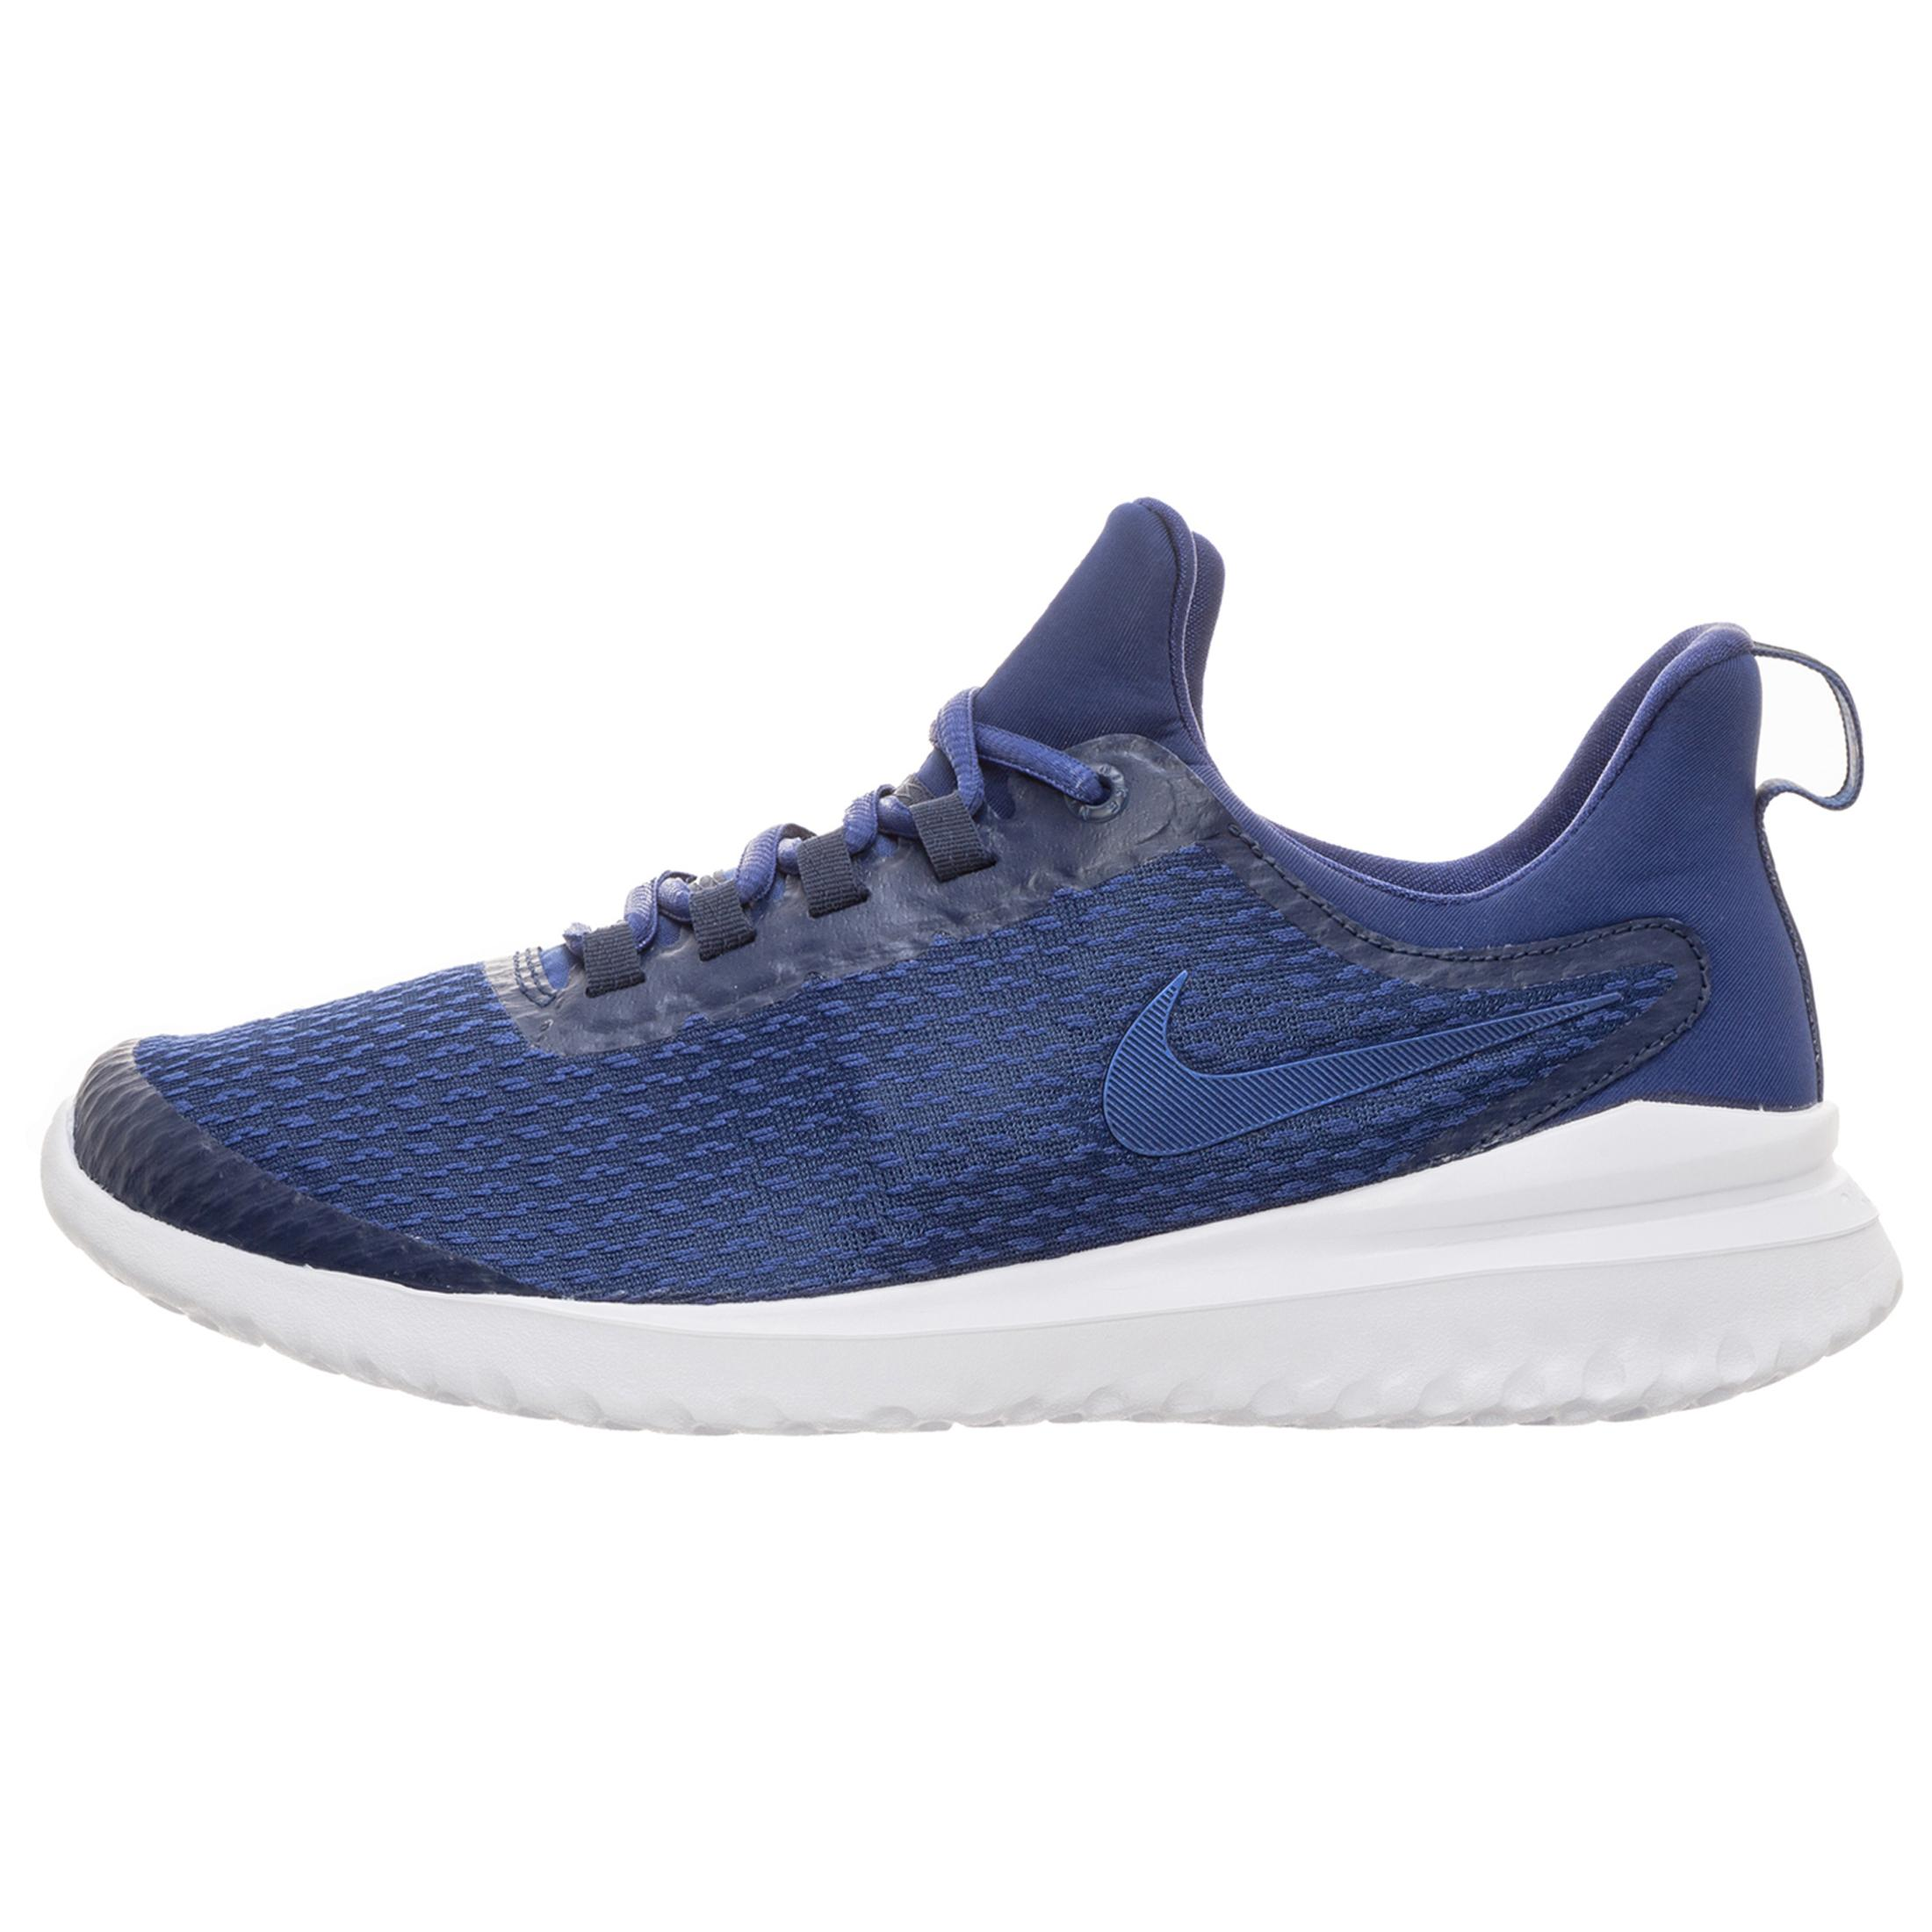 Nike Nike Nike Renew Rival Laufschuhe Herren blau   weiß im Online Shop von SportScheck kaufen Gute Qualität beliebte Schuhe 524754